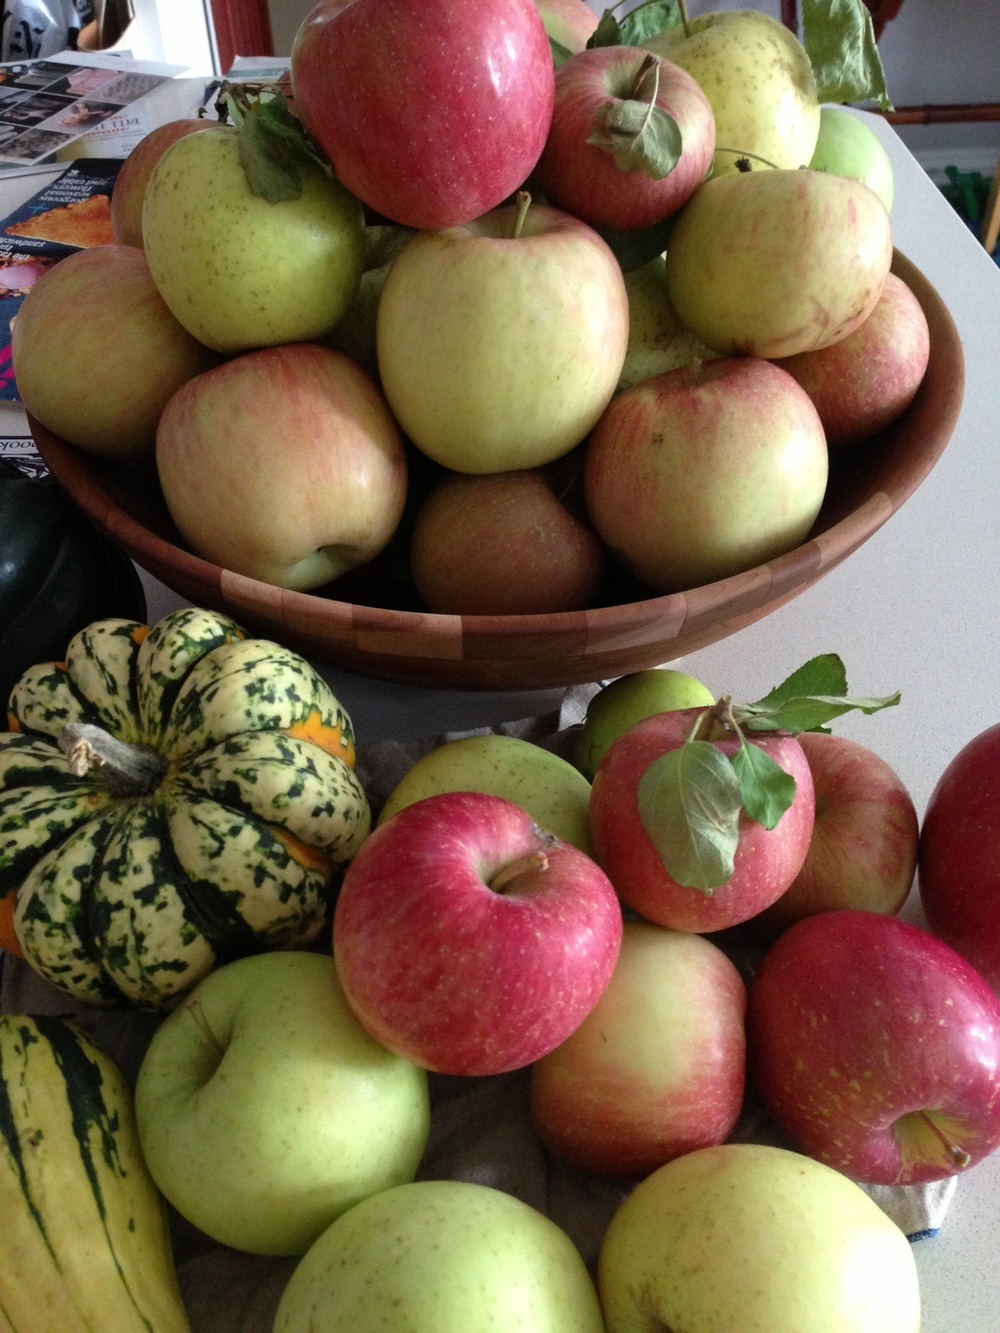 my bounty, apples picked from Stuart's Farm in Granite Springs